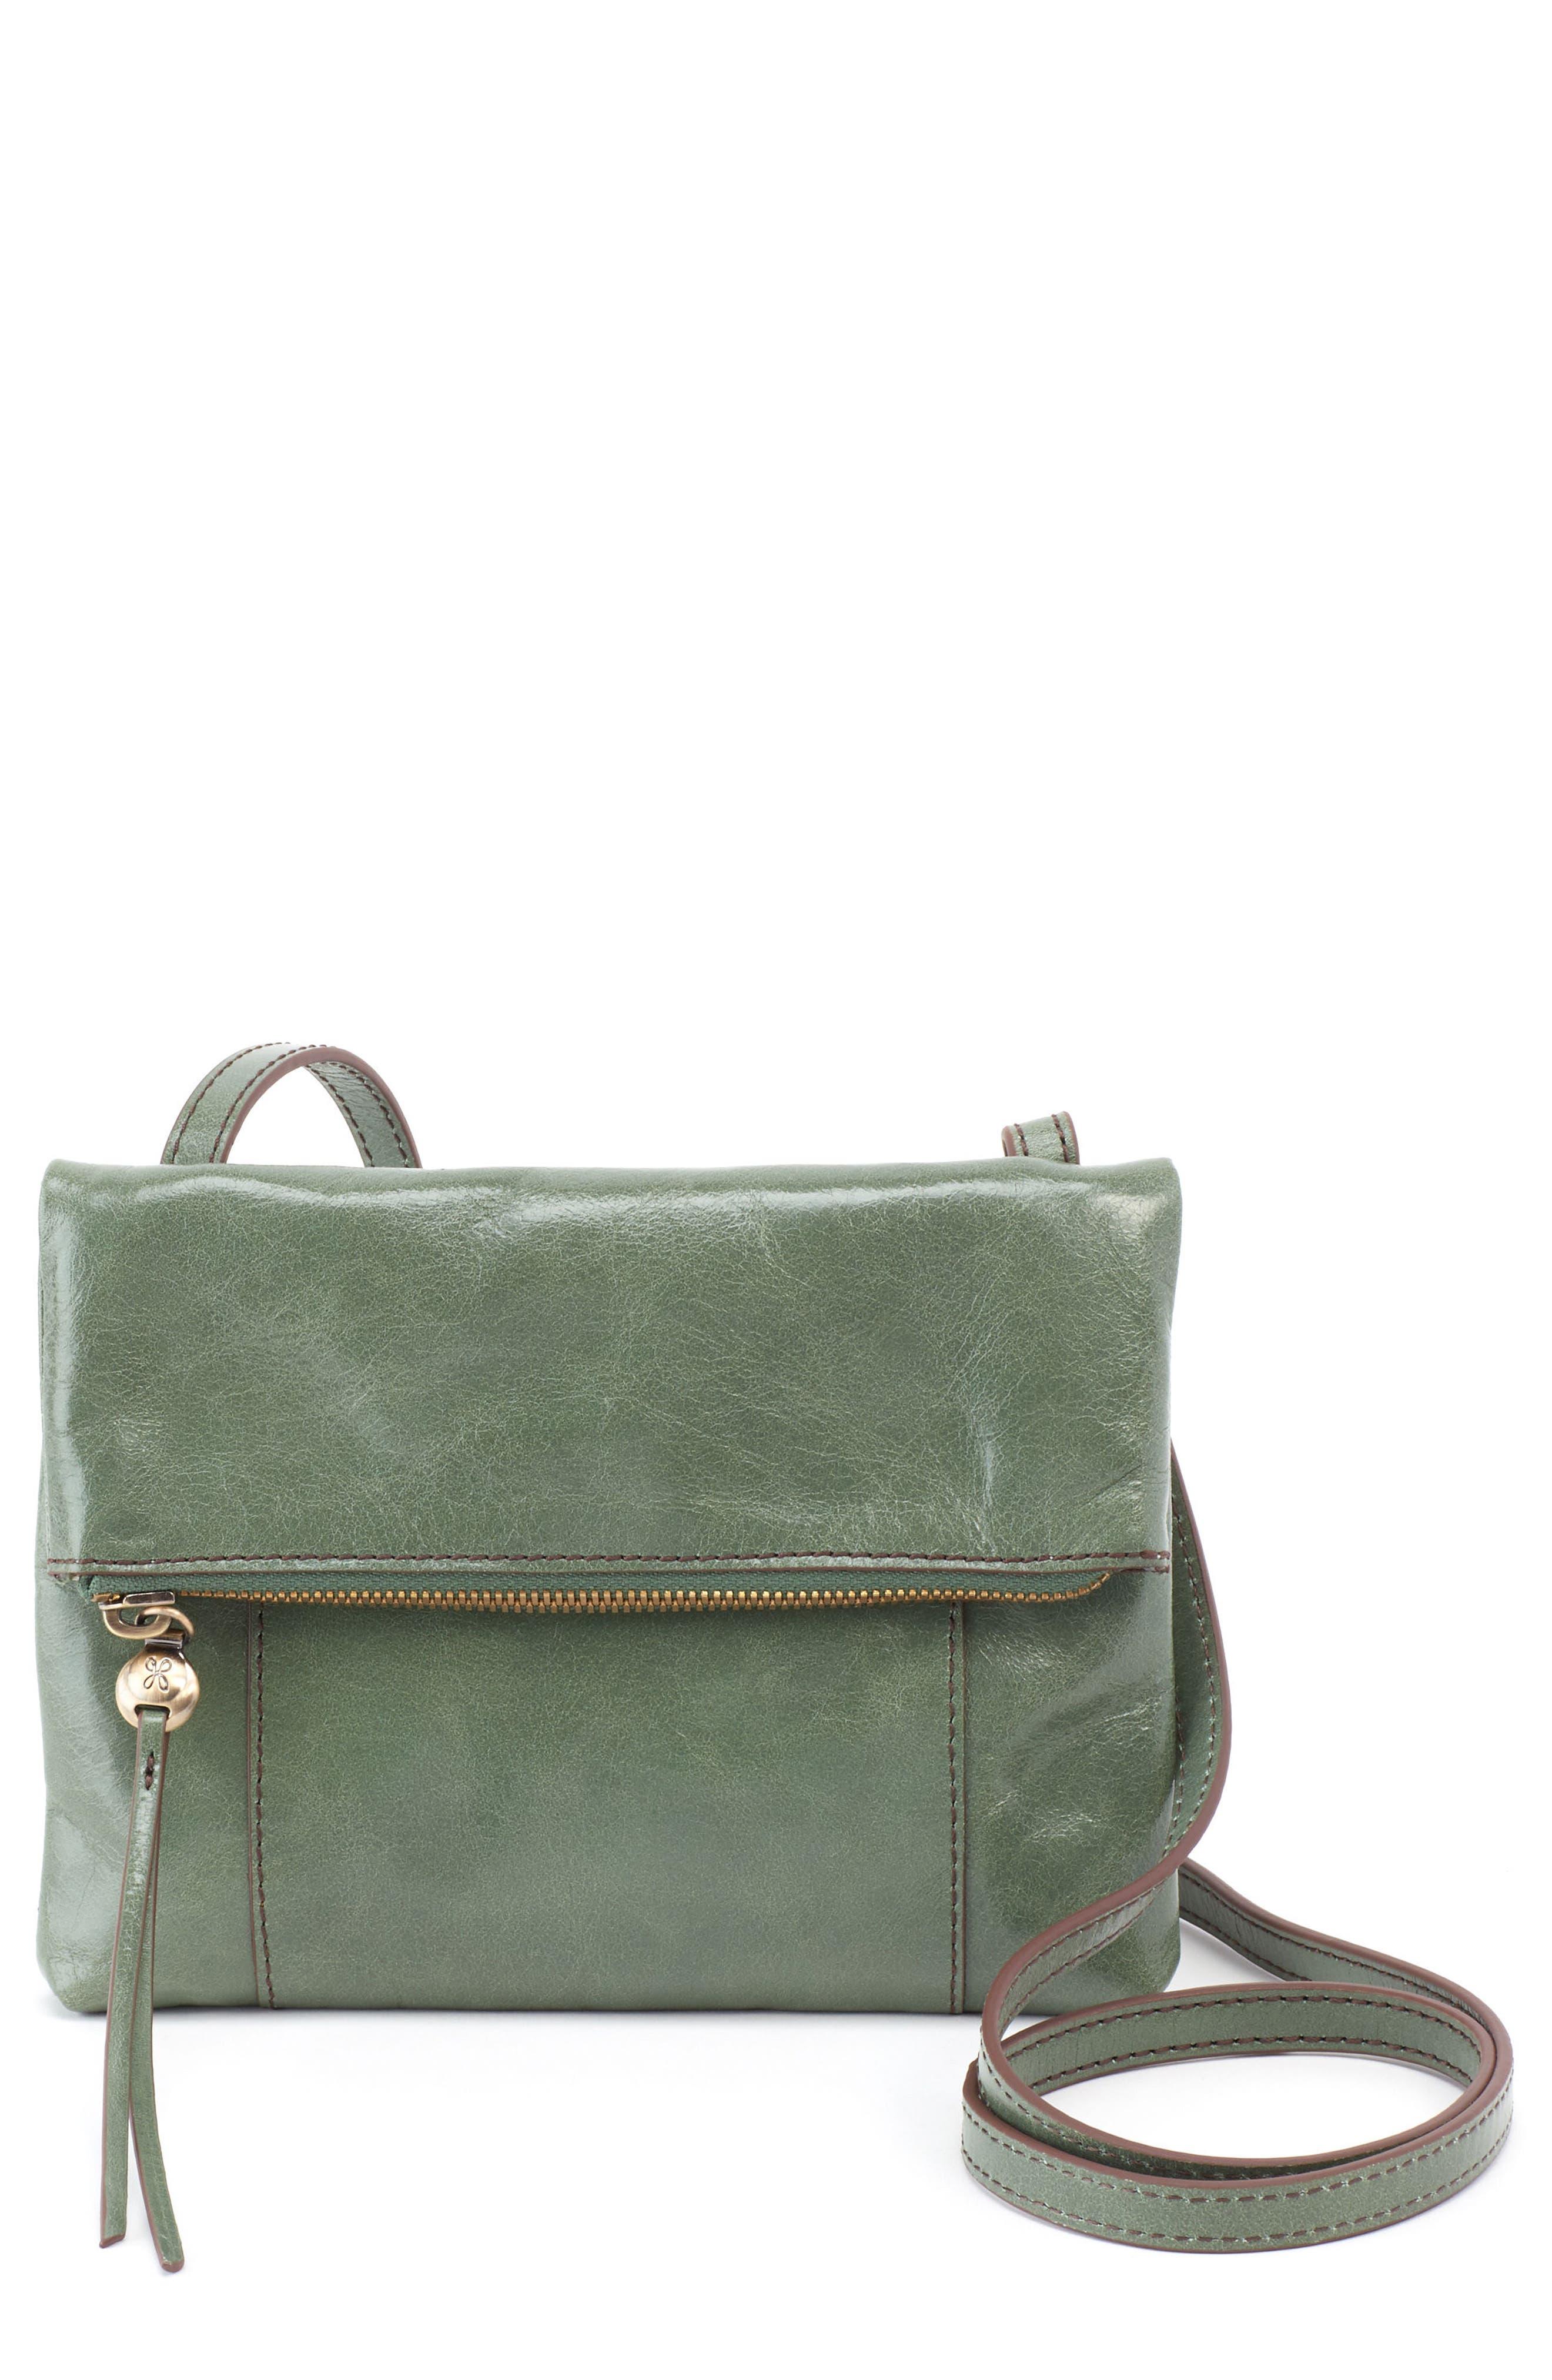 Sparrow Foldover Crossbody Bag,                         Main,                         color, Moss